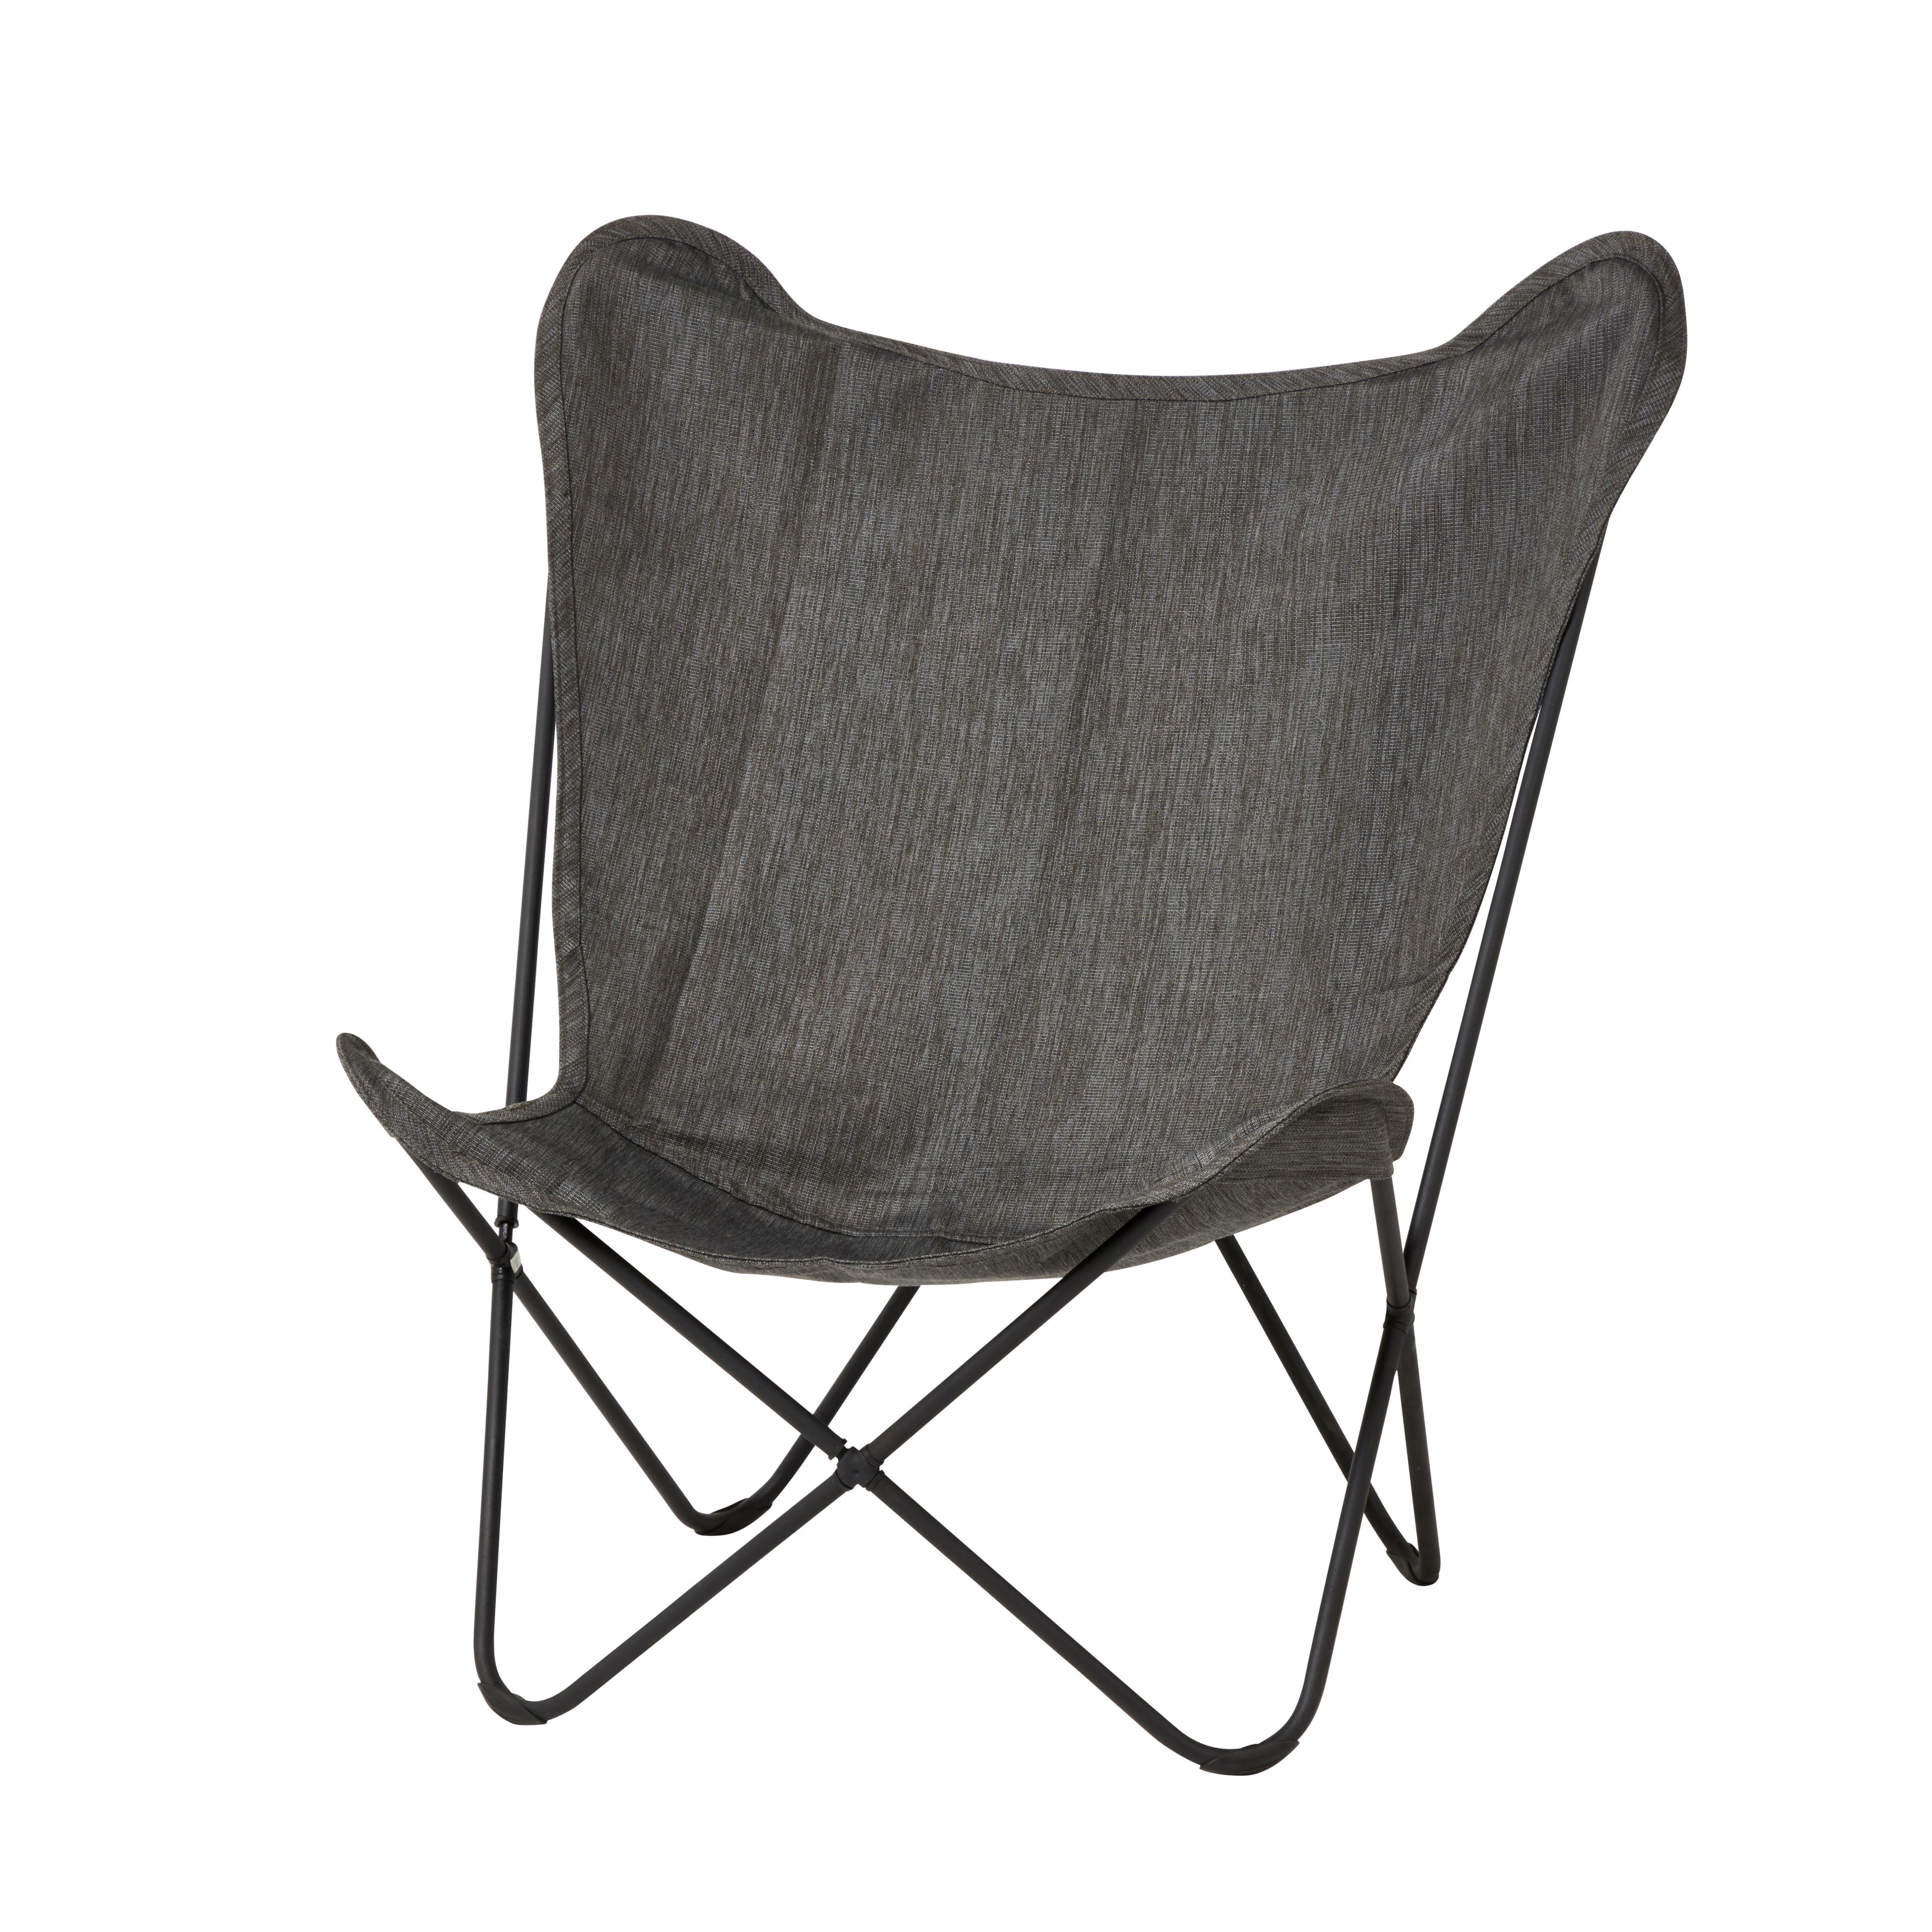 Mataso Grey Metal Chair Departments Diy At B Q